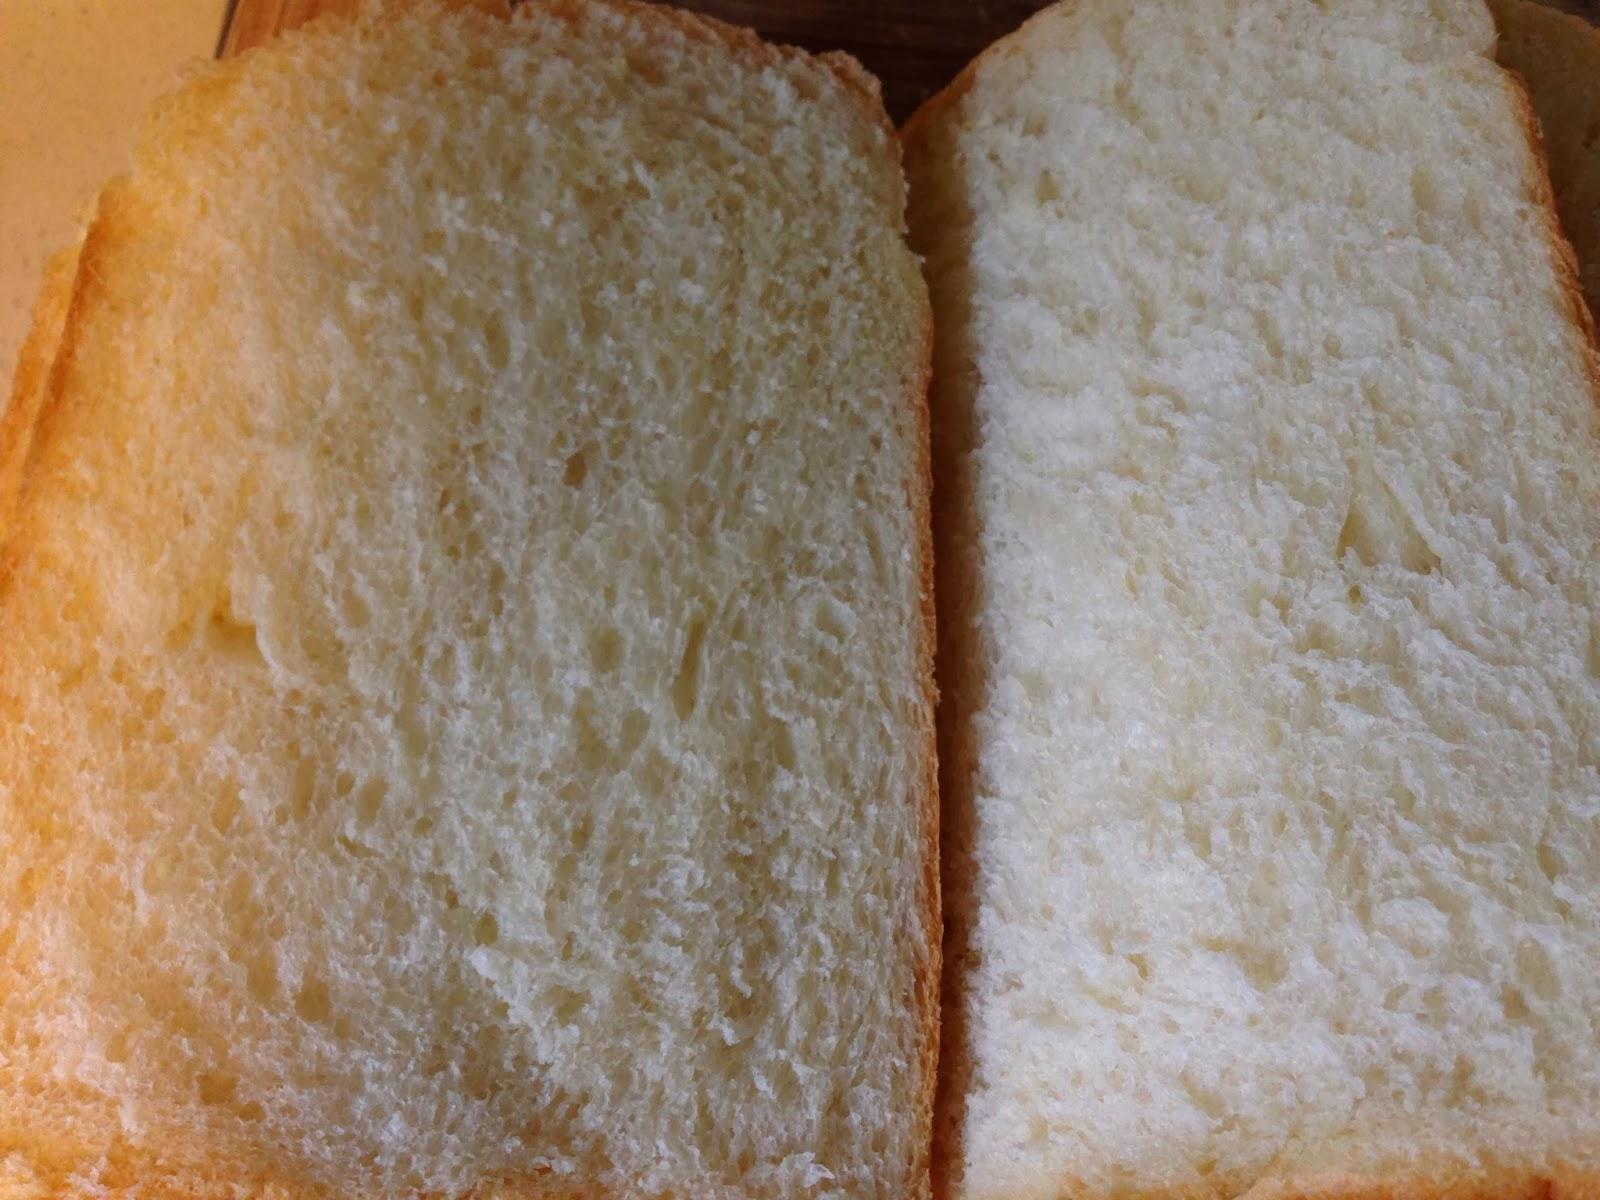 『麵包改良劑』的恐懼 與 韓粉的香味 - - SeeWide